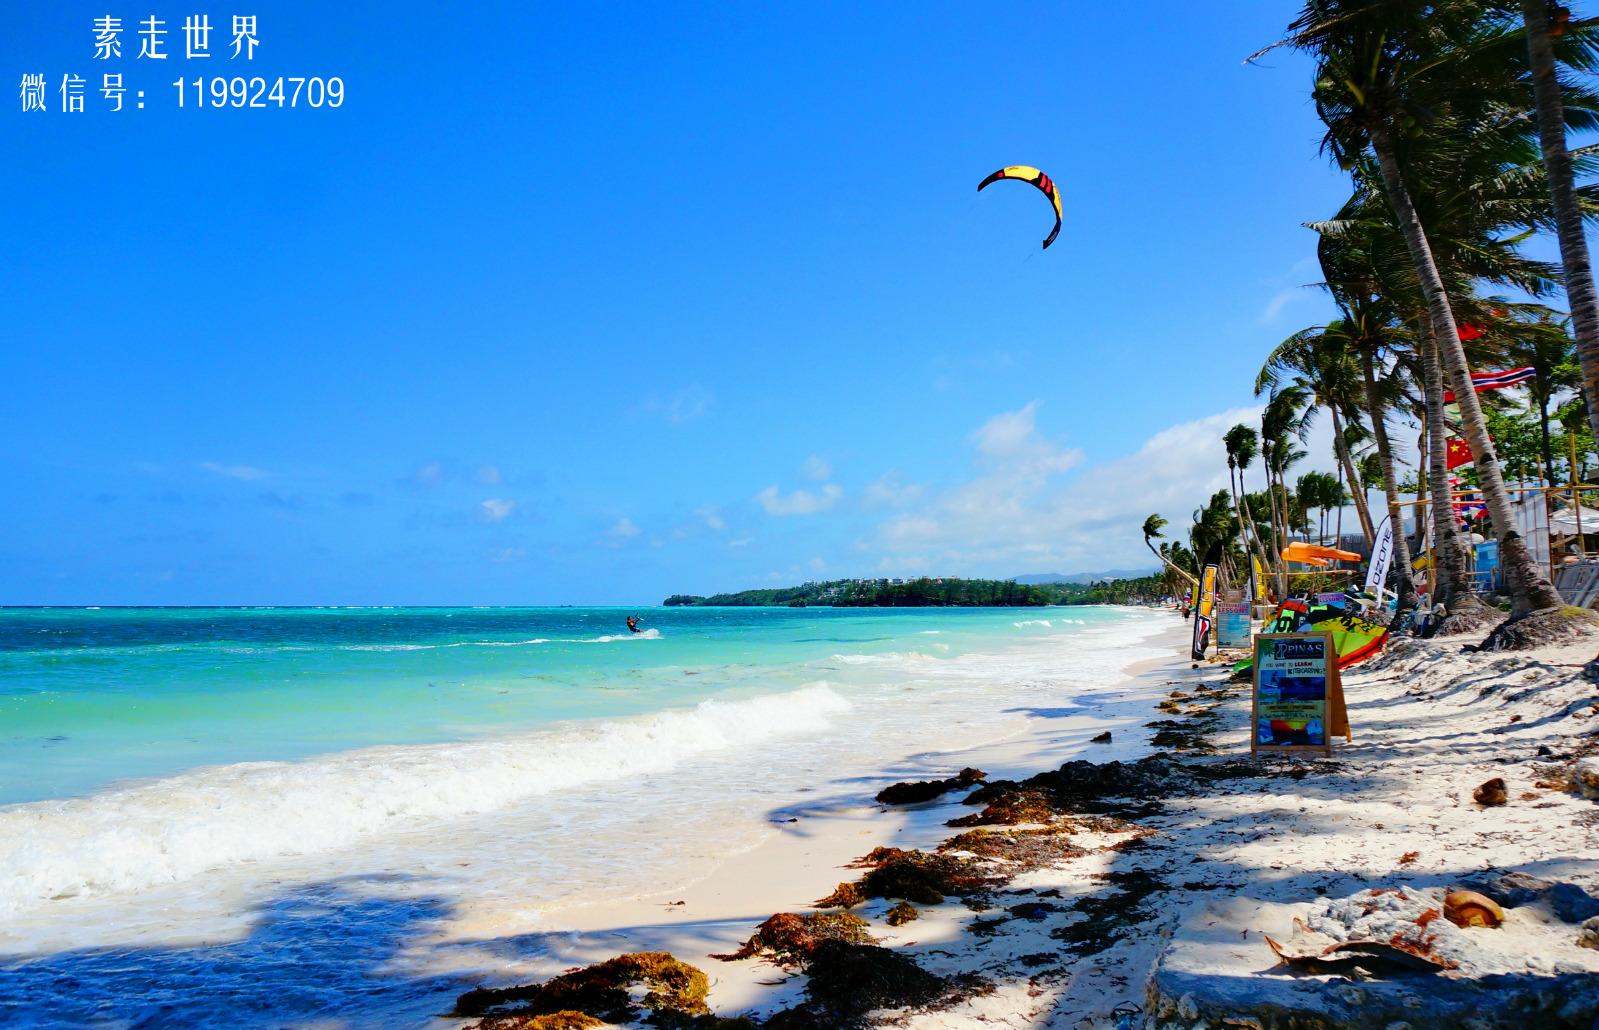 2015-03-04 16:20幸运的quicky 布拉玻海滩,隐秘在长滩岛背后,一座游